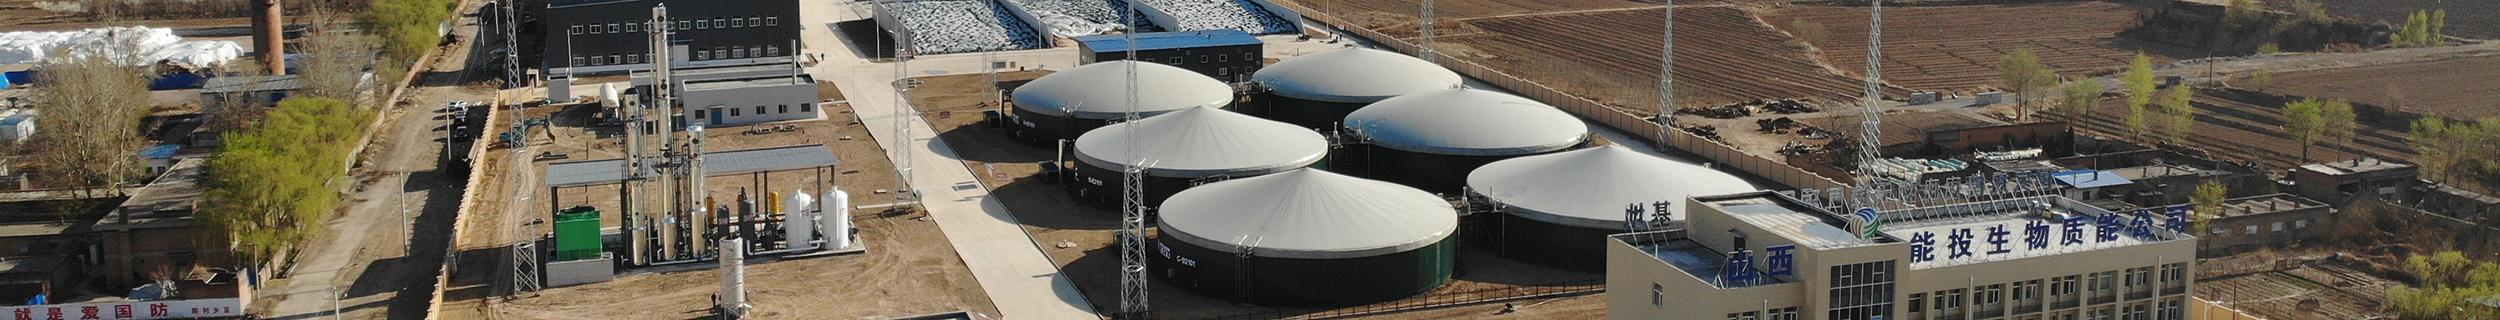 Biogas aus Reststoffen